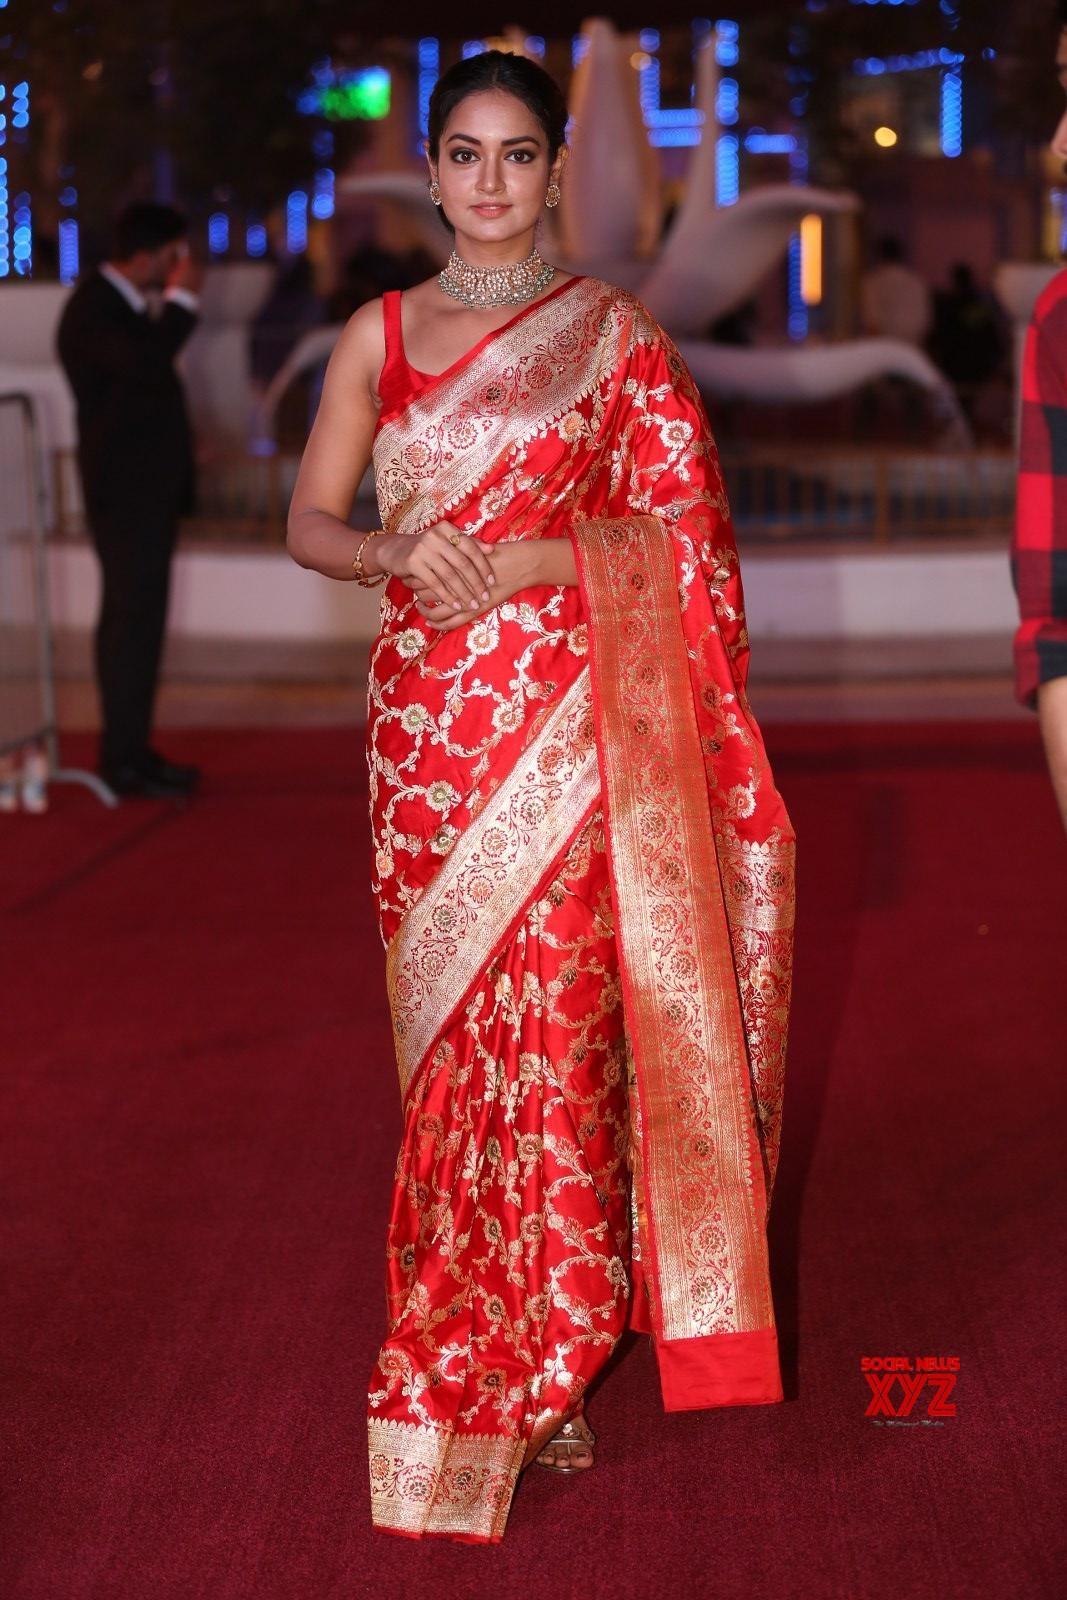 Actress Shanvi Srivastava Stills From SIIMA Awards 2018 Red